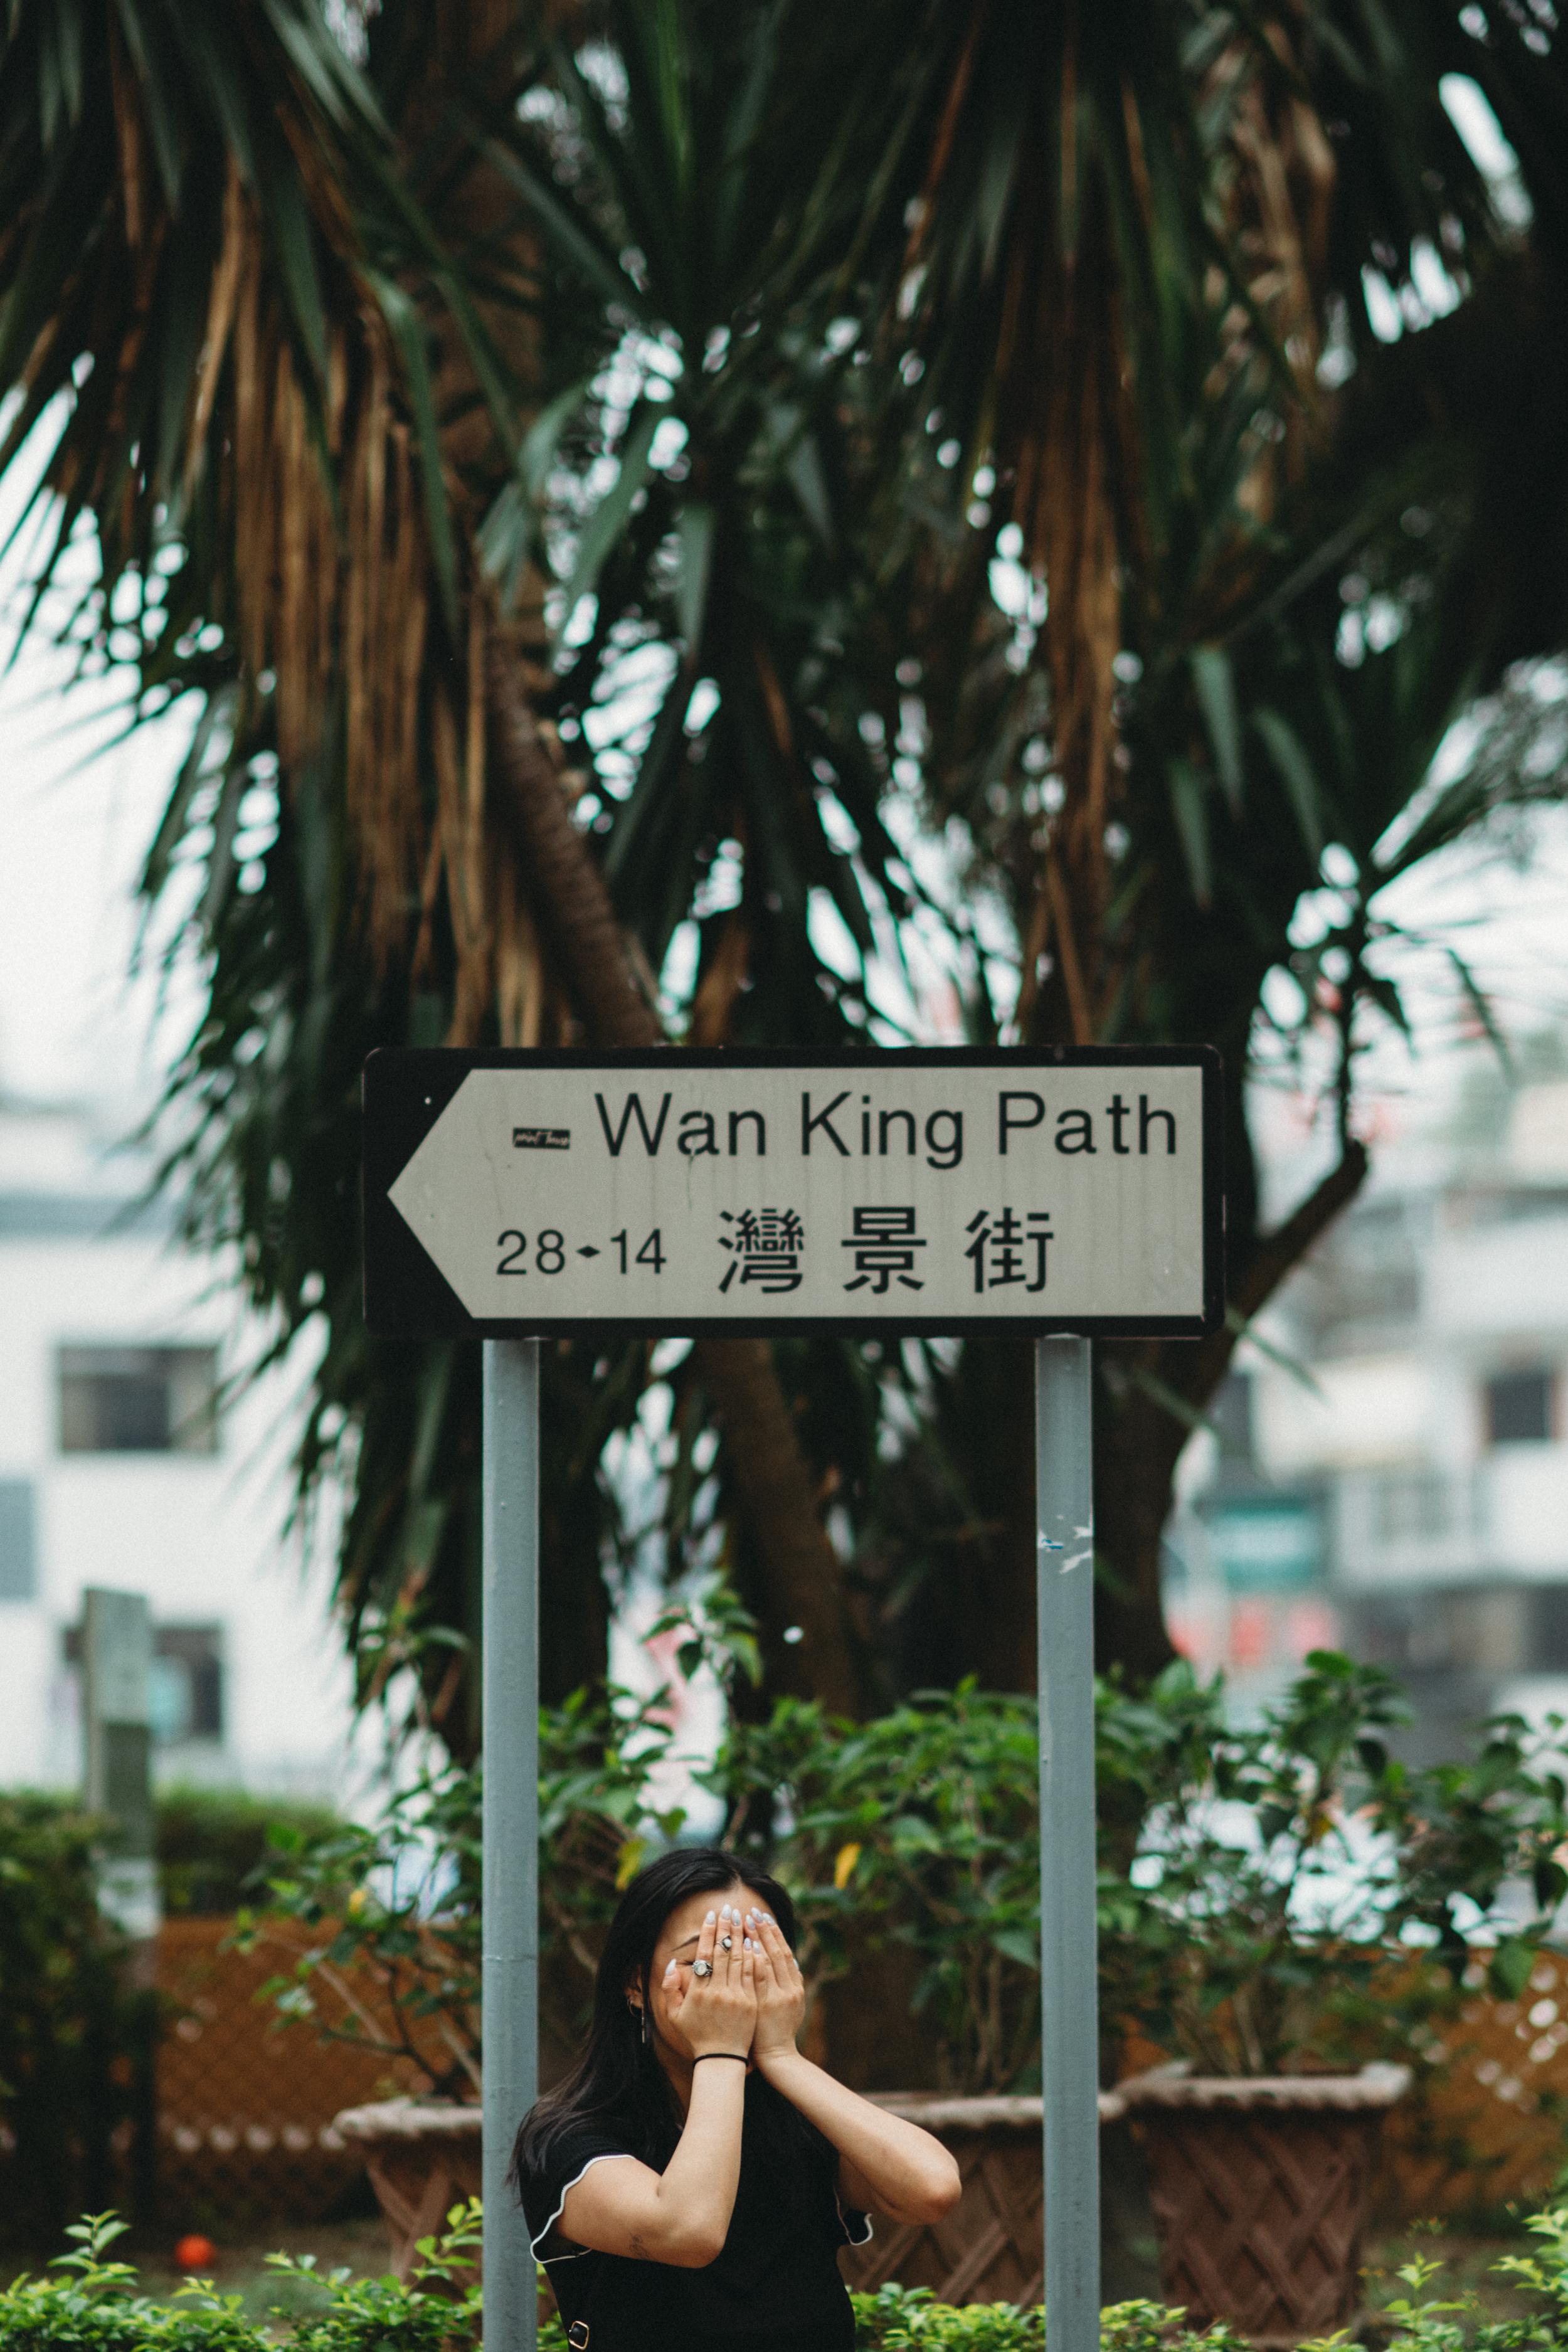 Hong Kong Wan King Path Justin Lim